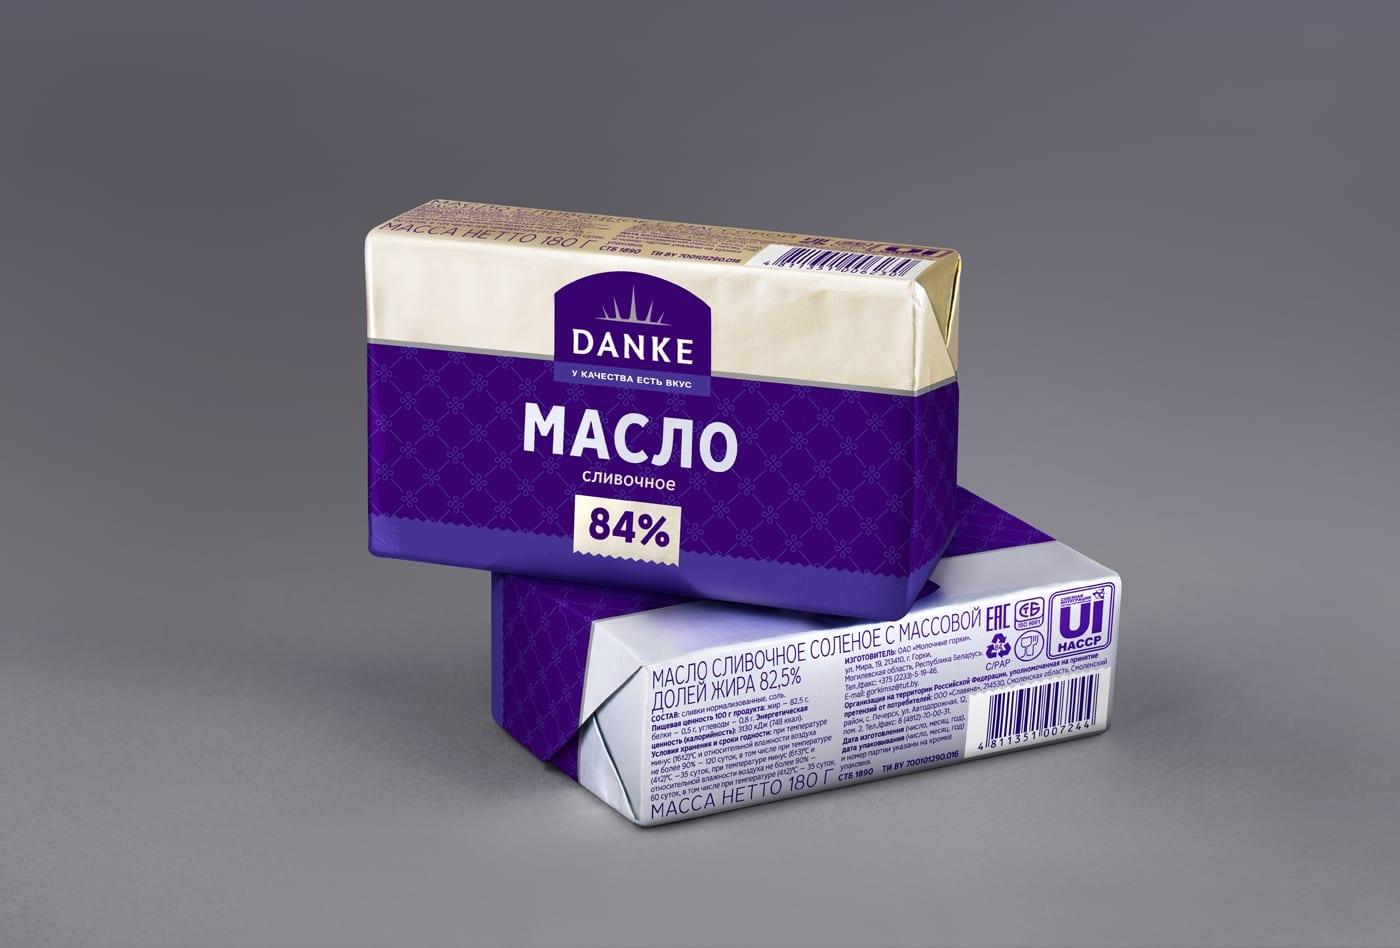 DANKE 4 - Ach, tie obaly – Danke Dairy mléčné výrobky